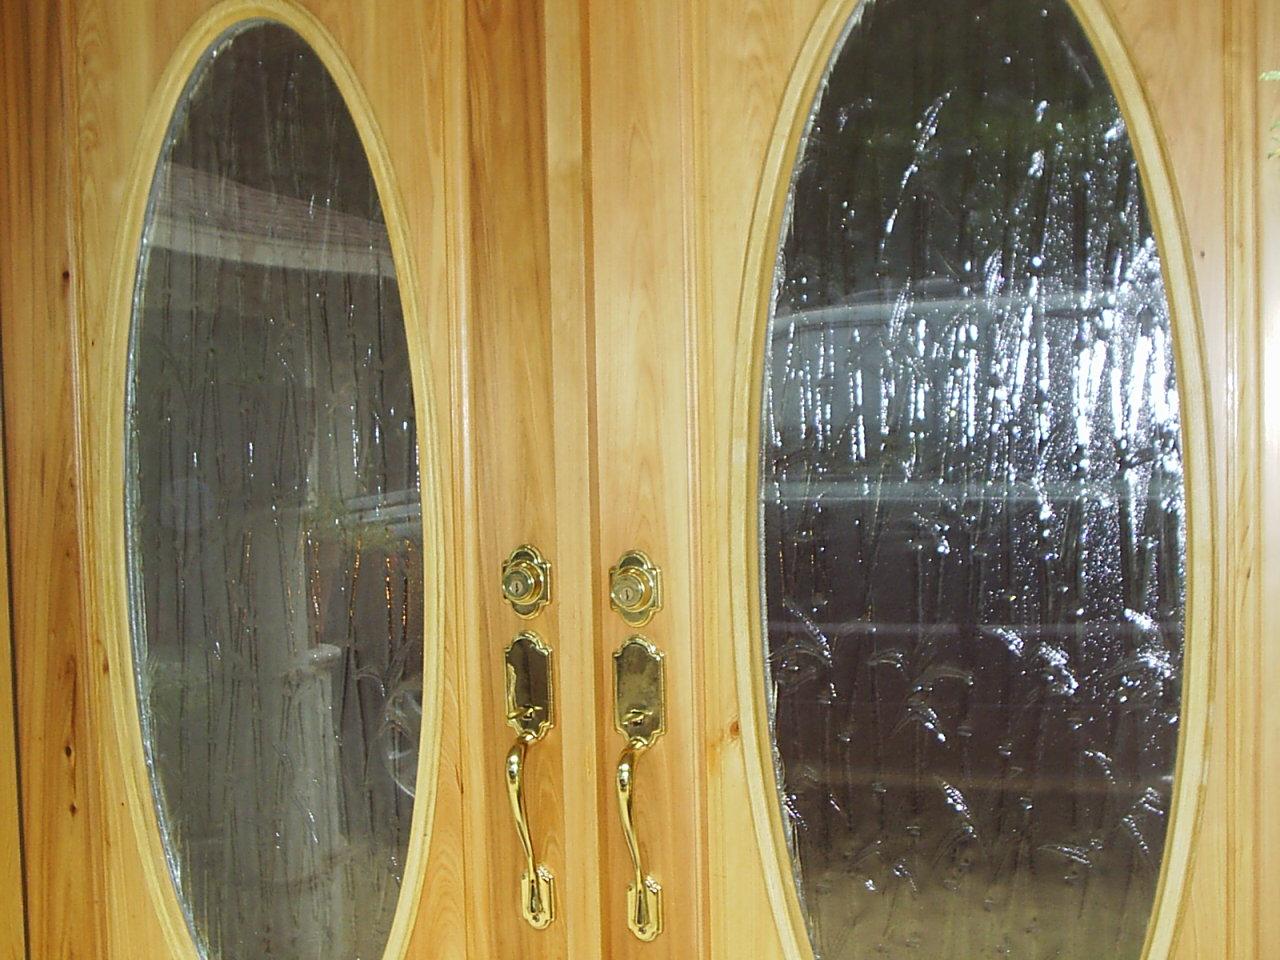 960 #977E34 Franker Enterprises Inc. :: Cypress Front Doors   CLICK  pic Cypress Exterior Doors 45511280